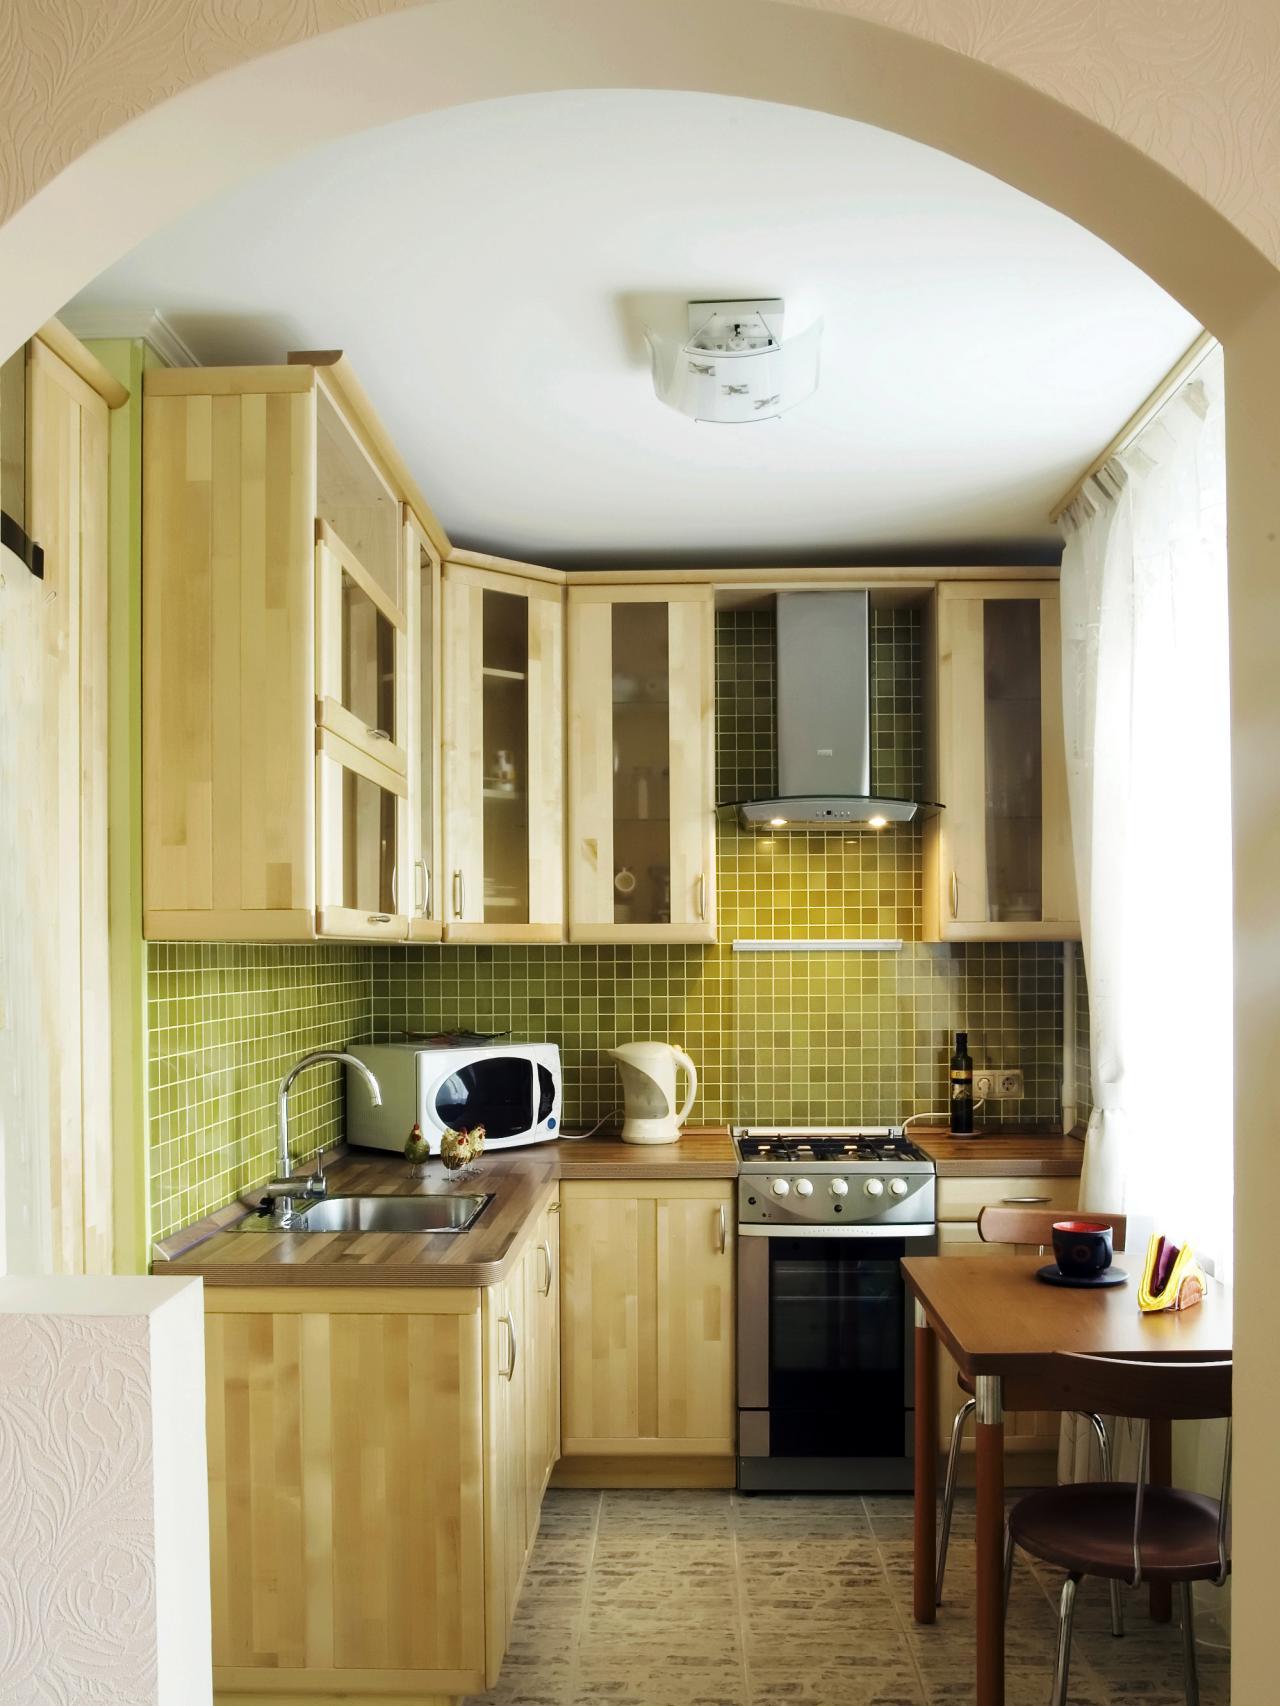 petite-cuisine-options-photos-idees-de-hgtv-cuisine-petites-cuisines-idees-petites-cuisines-avec-etagères-ouvertes-dans-petite-cuisine-20-idees-pour-decorer-a- Petite cuisine